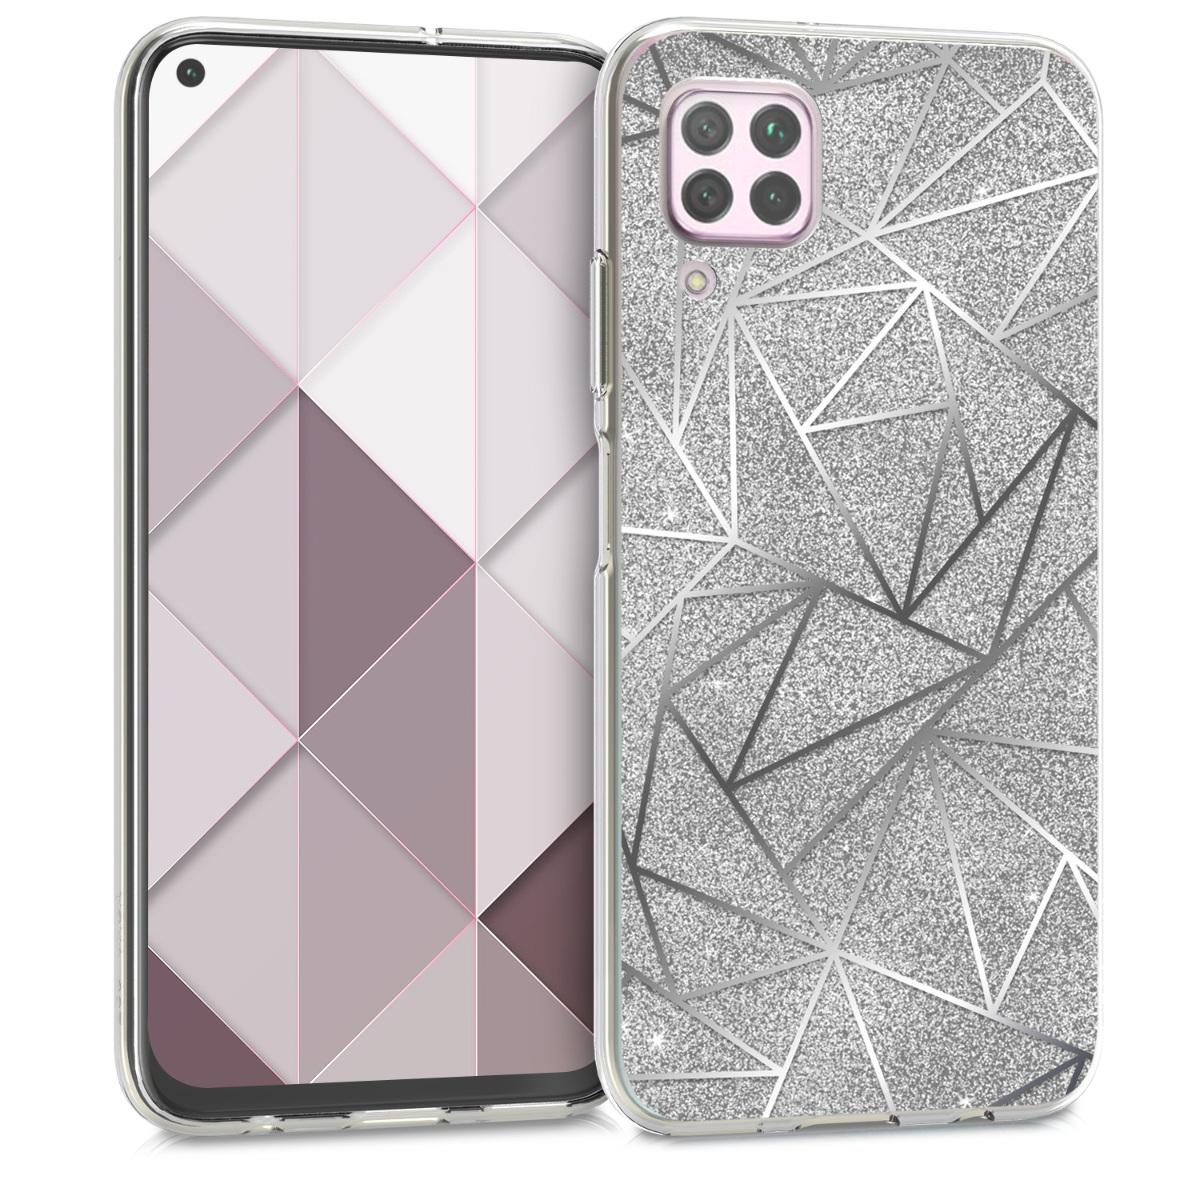 Silikonové pouzdro / obal pro Huawei P40 Lite s motivem stříbrných trojúhelníků